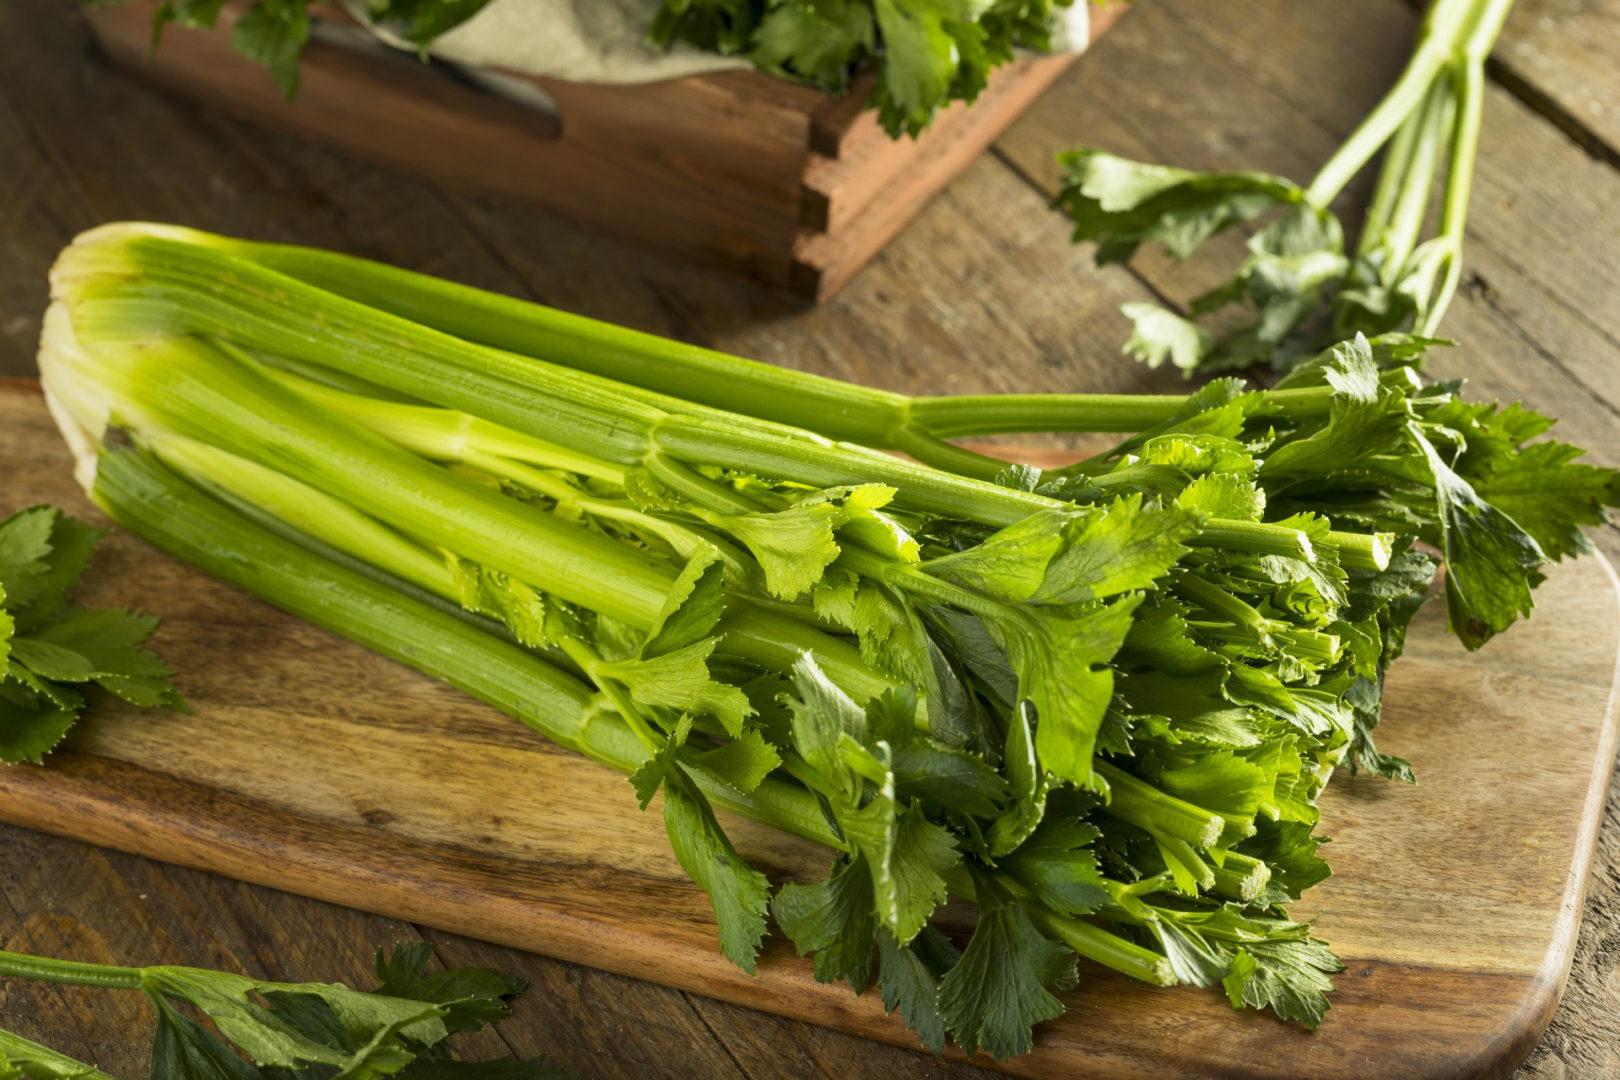 βιολογικά λαχανικά - selino natureshousegr biologika trofima biologika laxanika karditsa - Οι πέντε τροφές που βοηθούν στην απώλεια λίπους